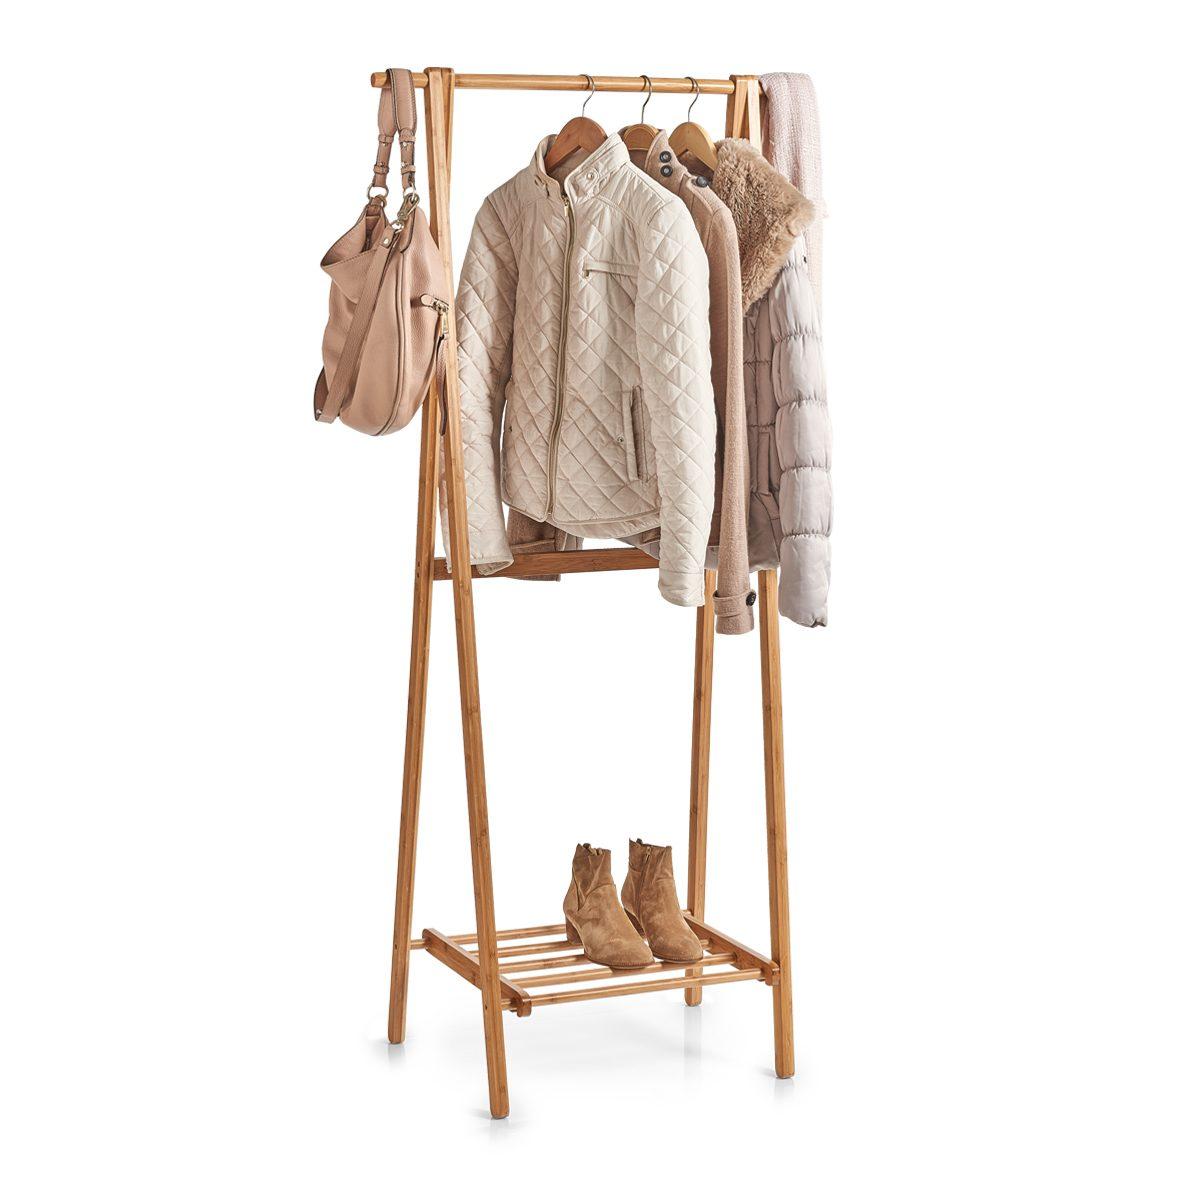 Garderobenständer, Bambusholz   Höhe ca. 20 cm